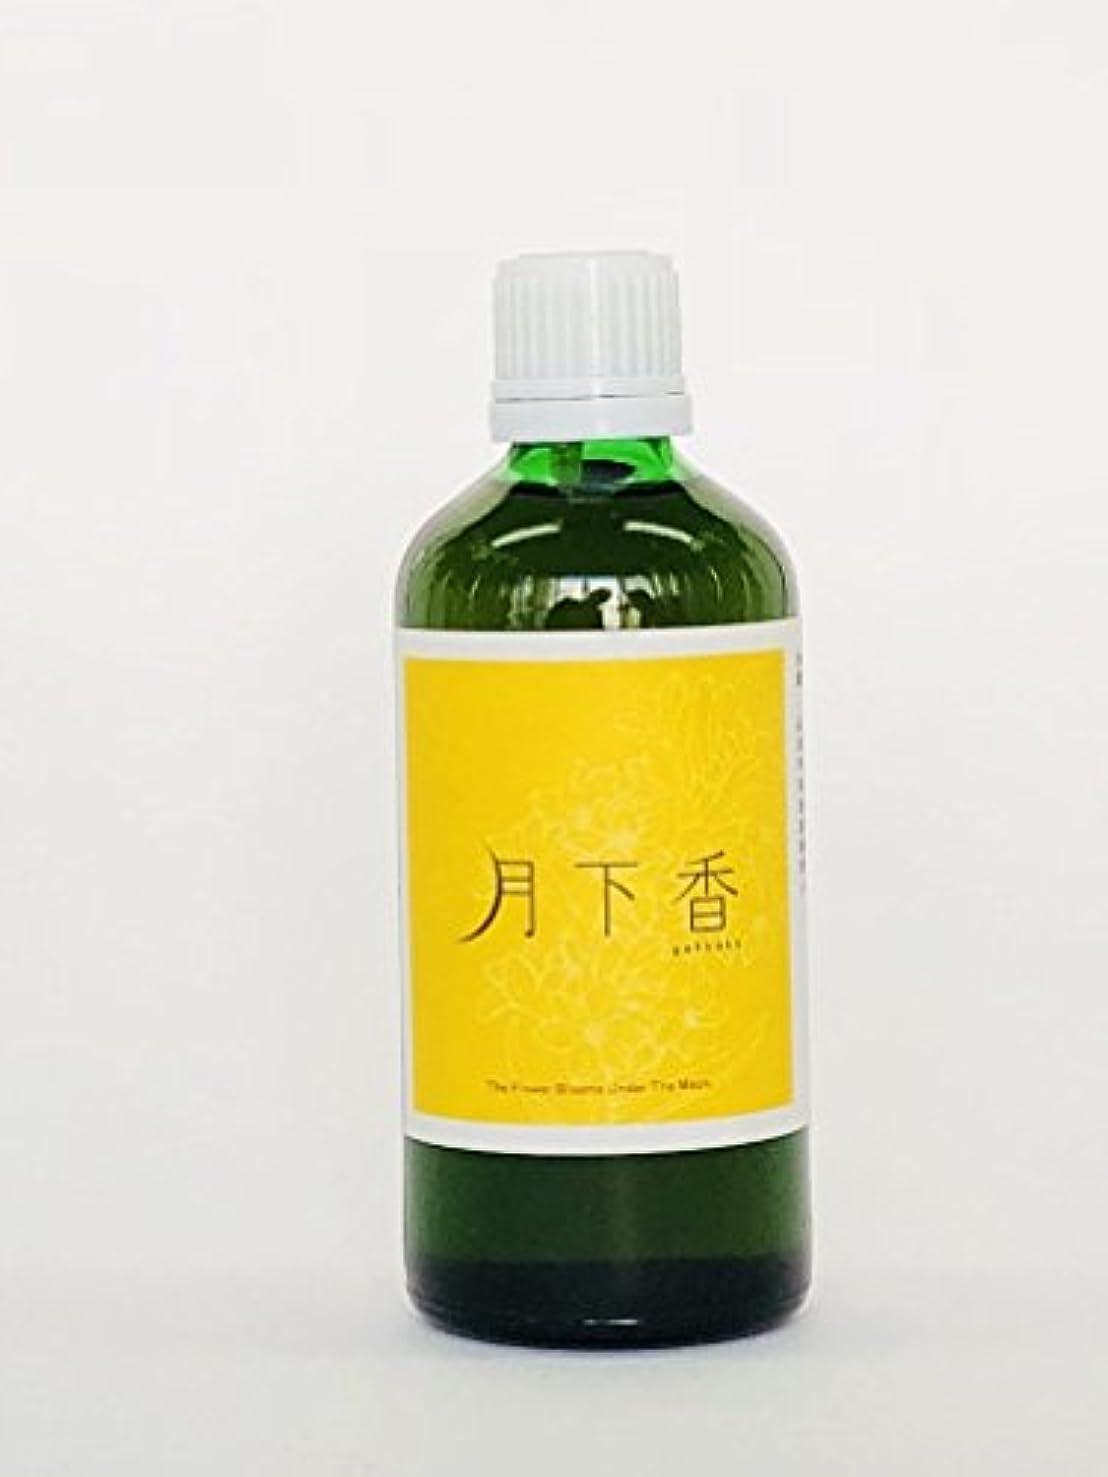 <月下香>エッセンシャルオイル/アロマ/レモングラス【100ml】 (100ml)